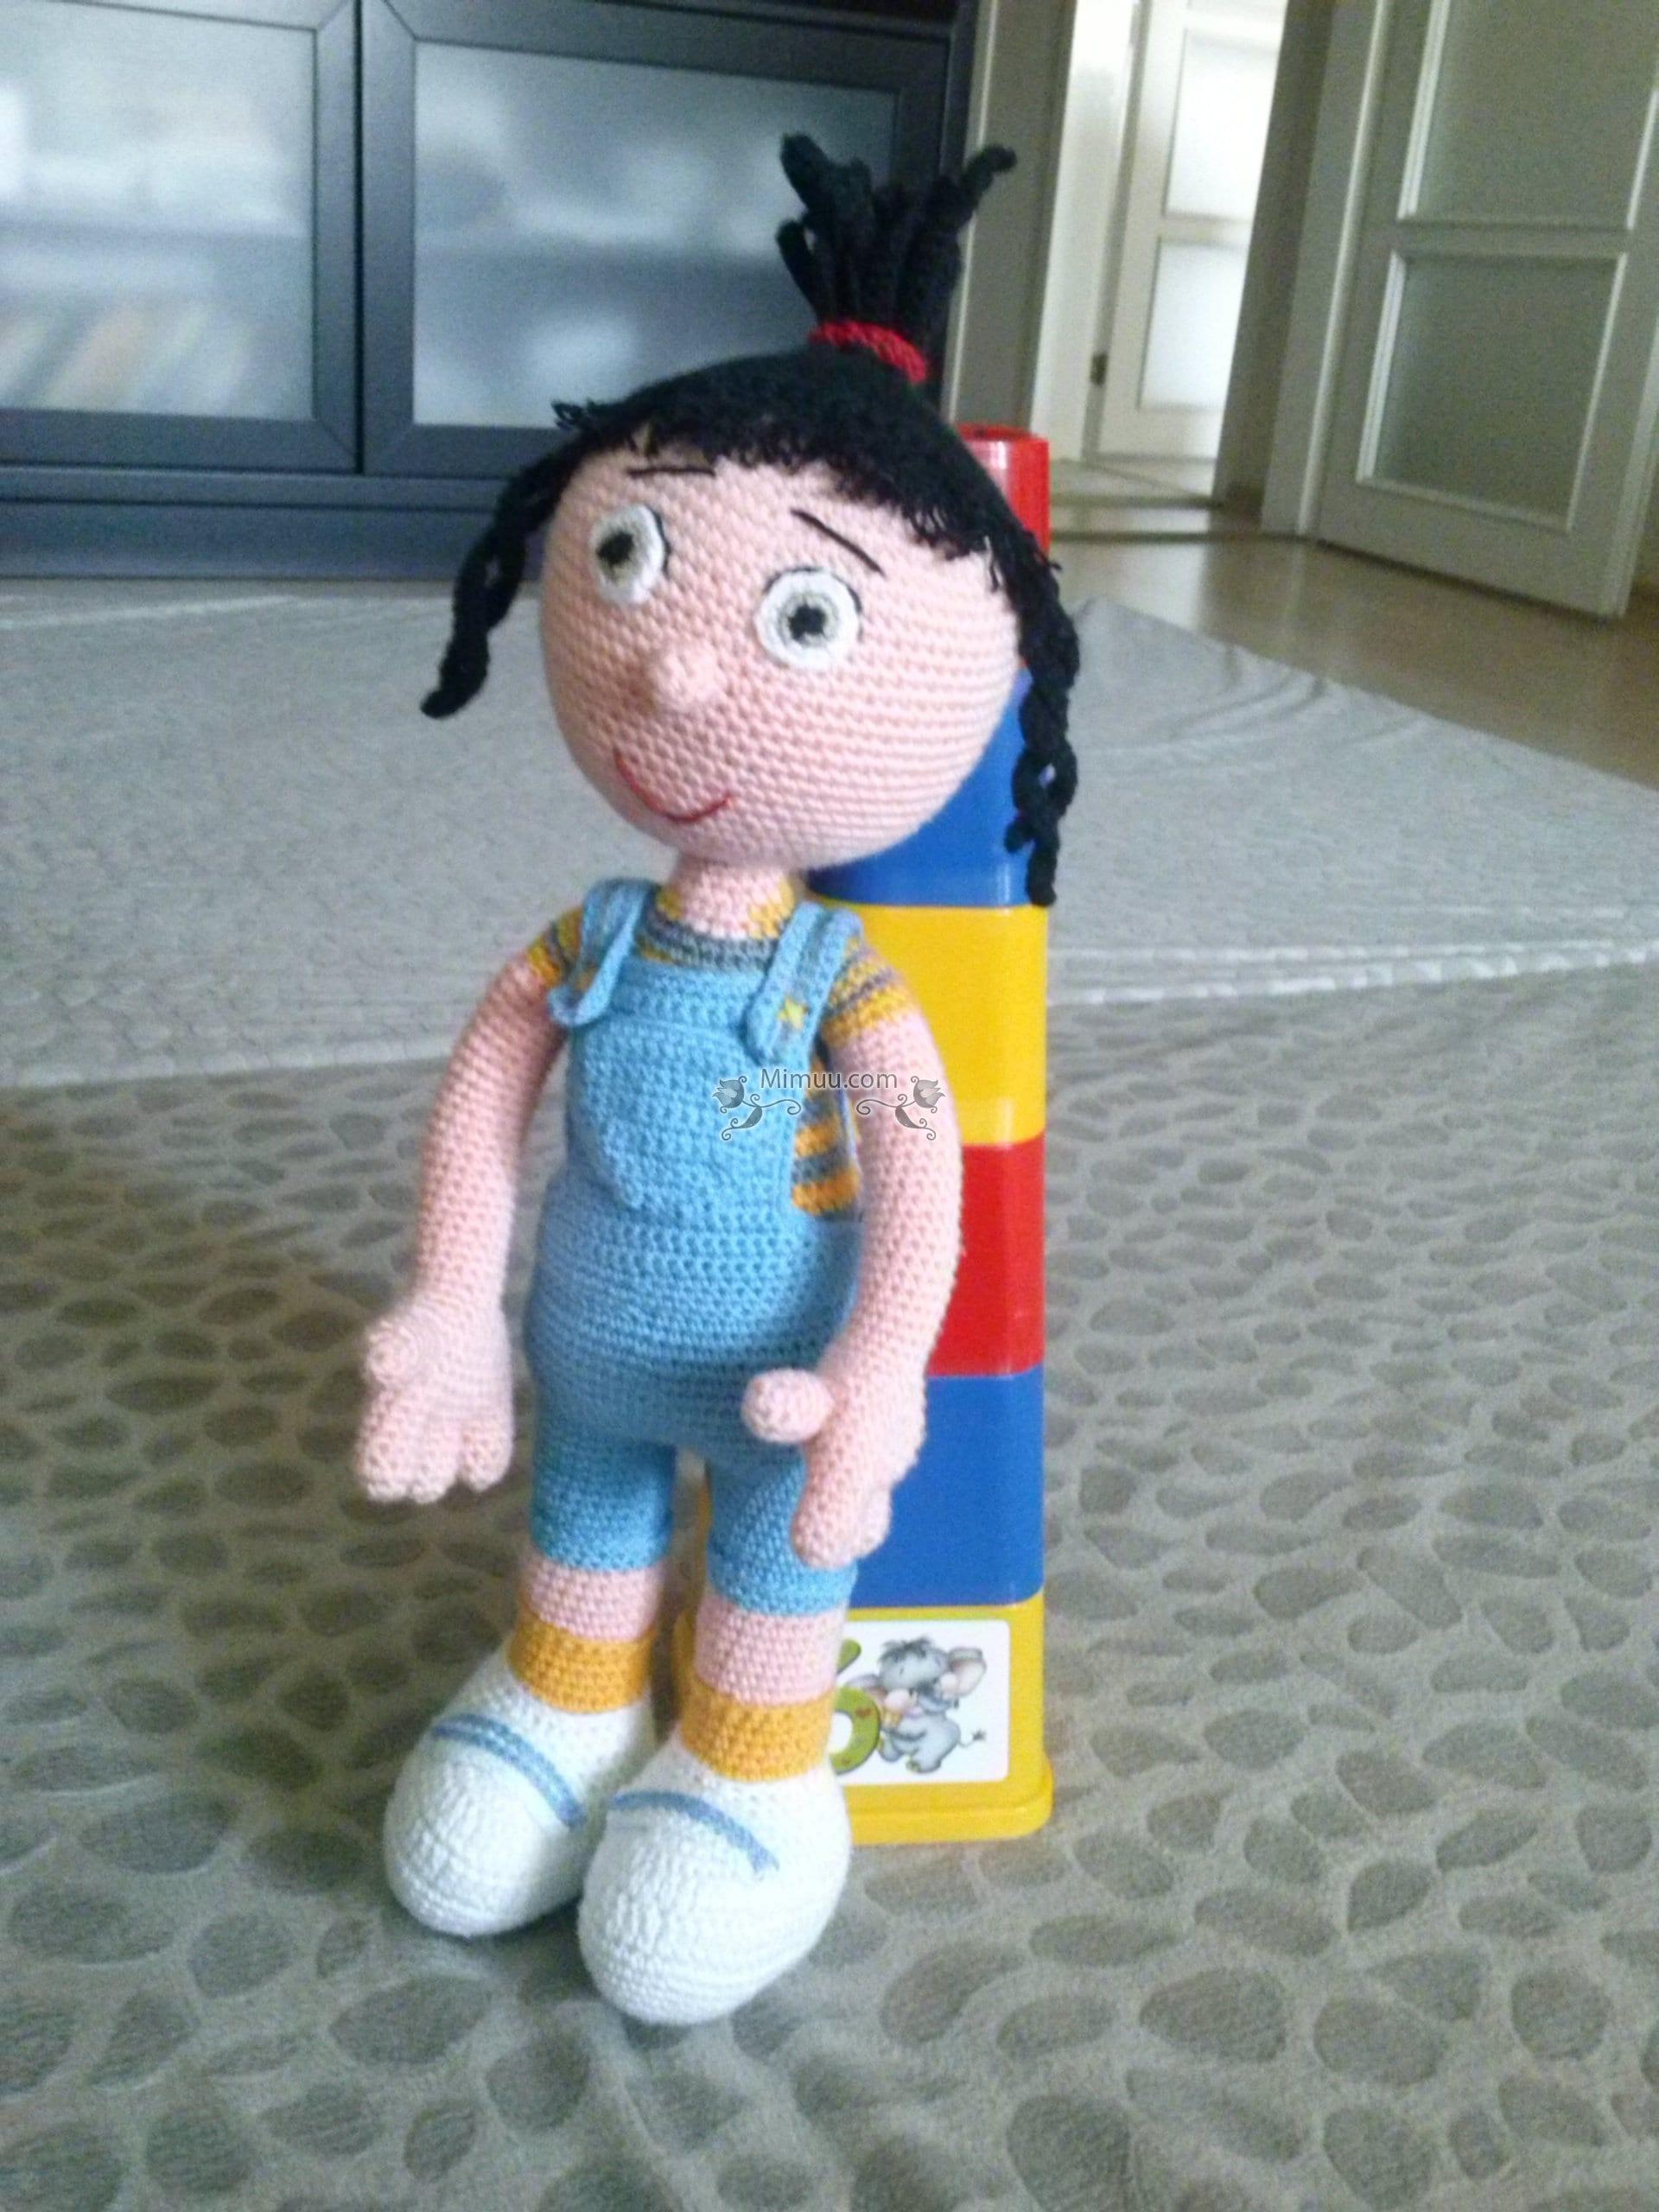 Amigurumi Pıtırcık Bebek Yapılışı-Amigurumi Pıtırcık Doll Free ... | 2560x1920